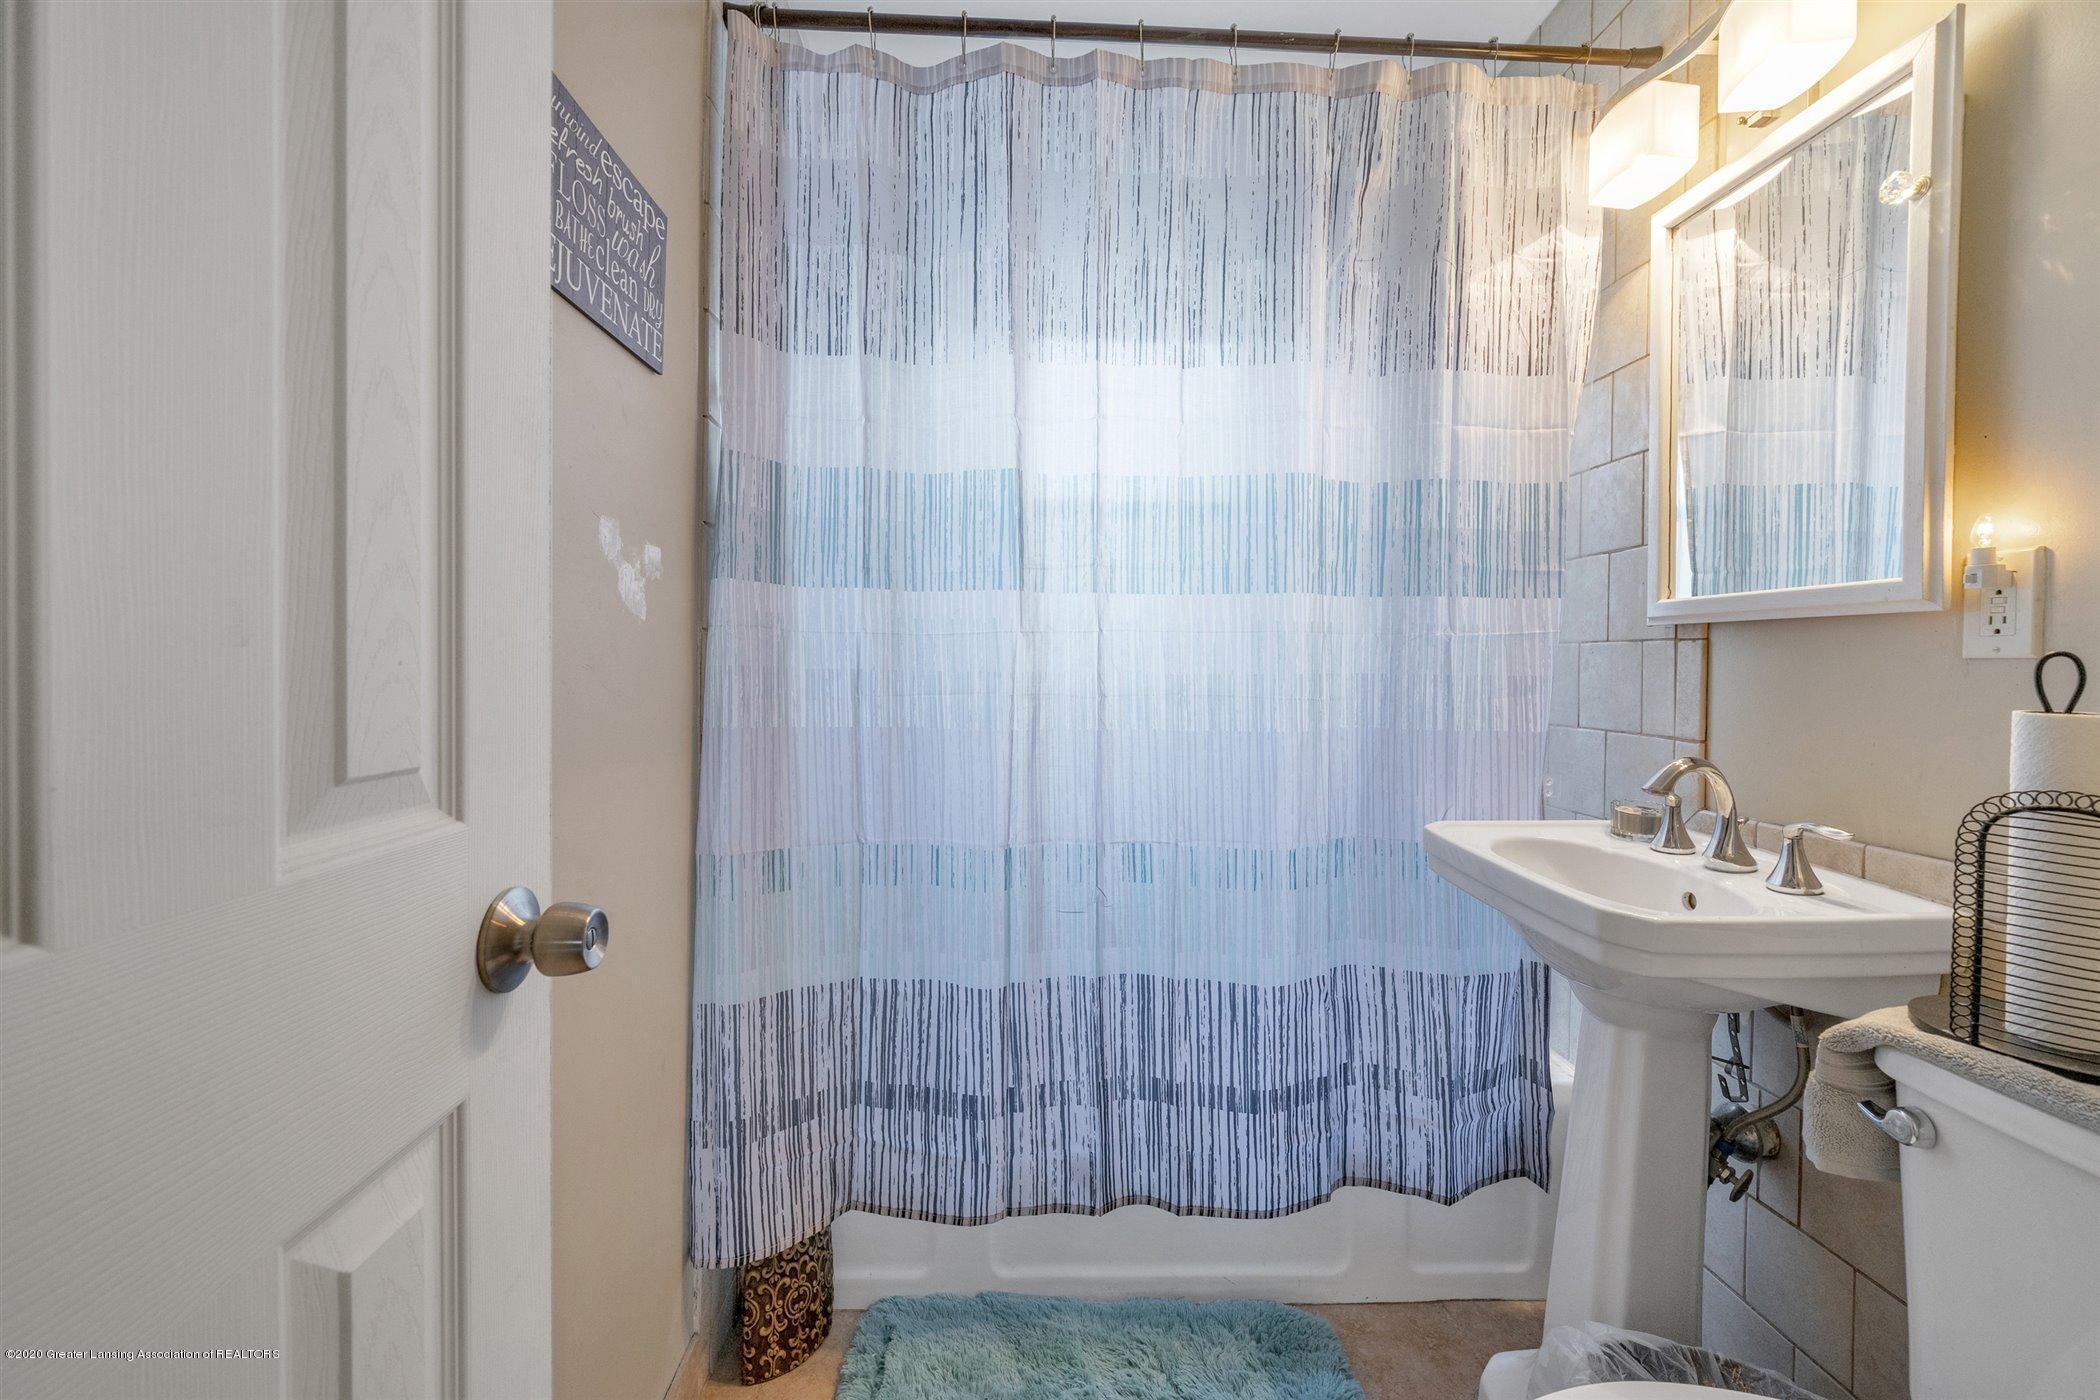 1209 Lenore Ave - 17-1209-Lenore-Ave-WindowStill-Real - 21